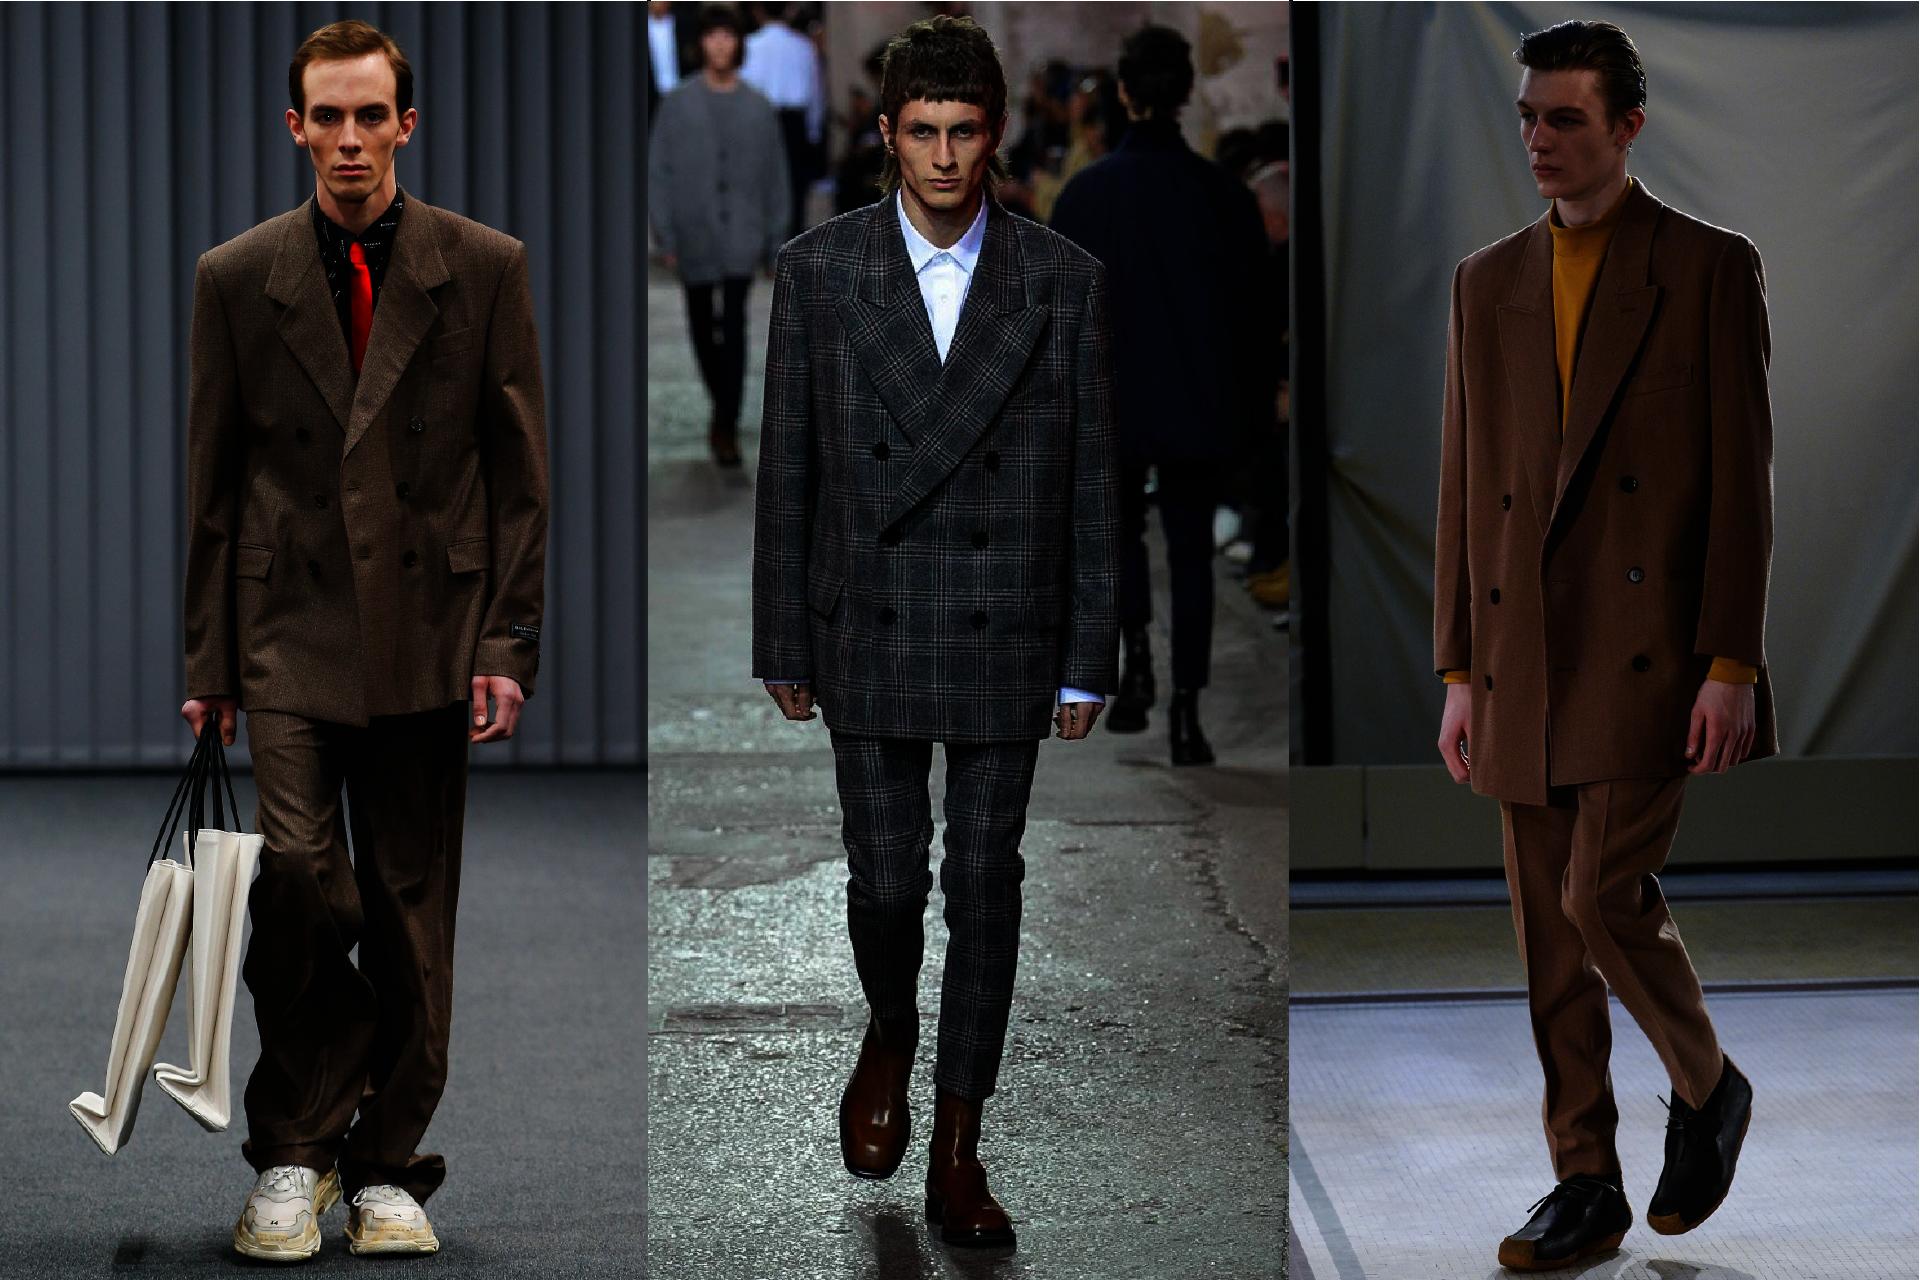 Trendy w modzie męskiej jesień-zima 2017, Pokazy mody męskiej jesień-zima 2017, Marynarka dwurzędowa, Dwurzędówka w modzie męskiej, Moda męska, GMALE